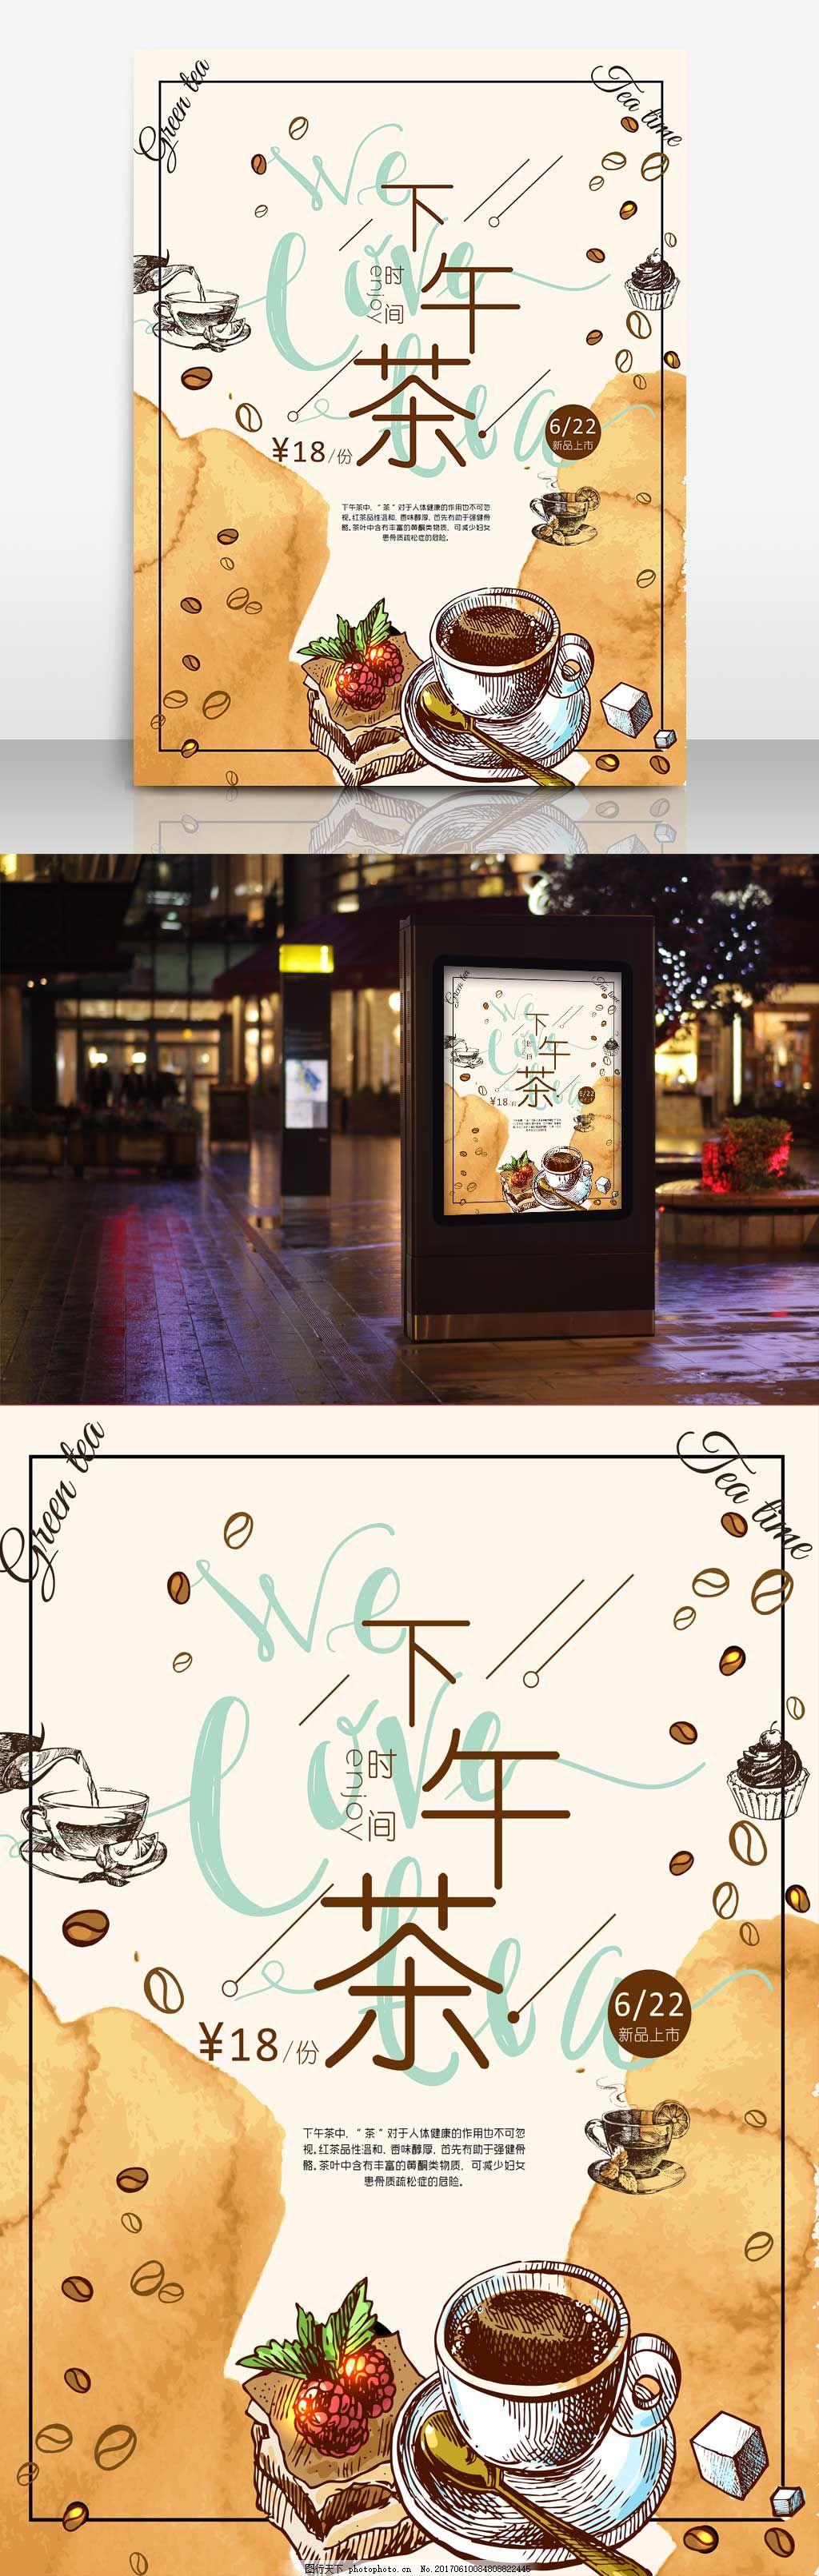 手绘文艺风咖啡店宣传促销下午茶海报